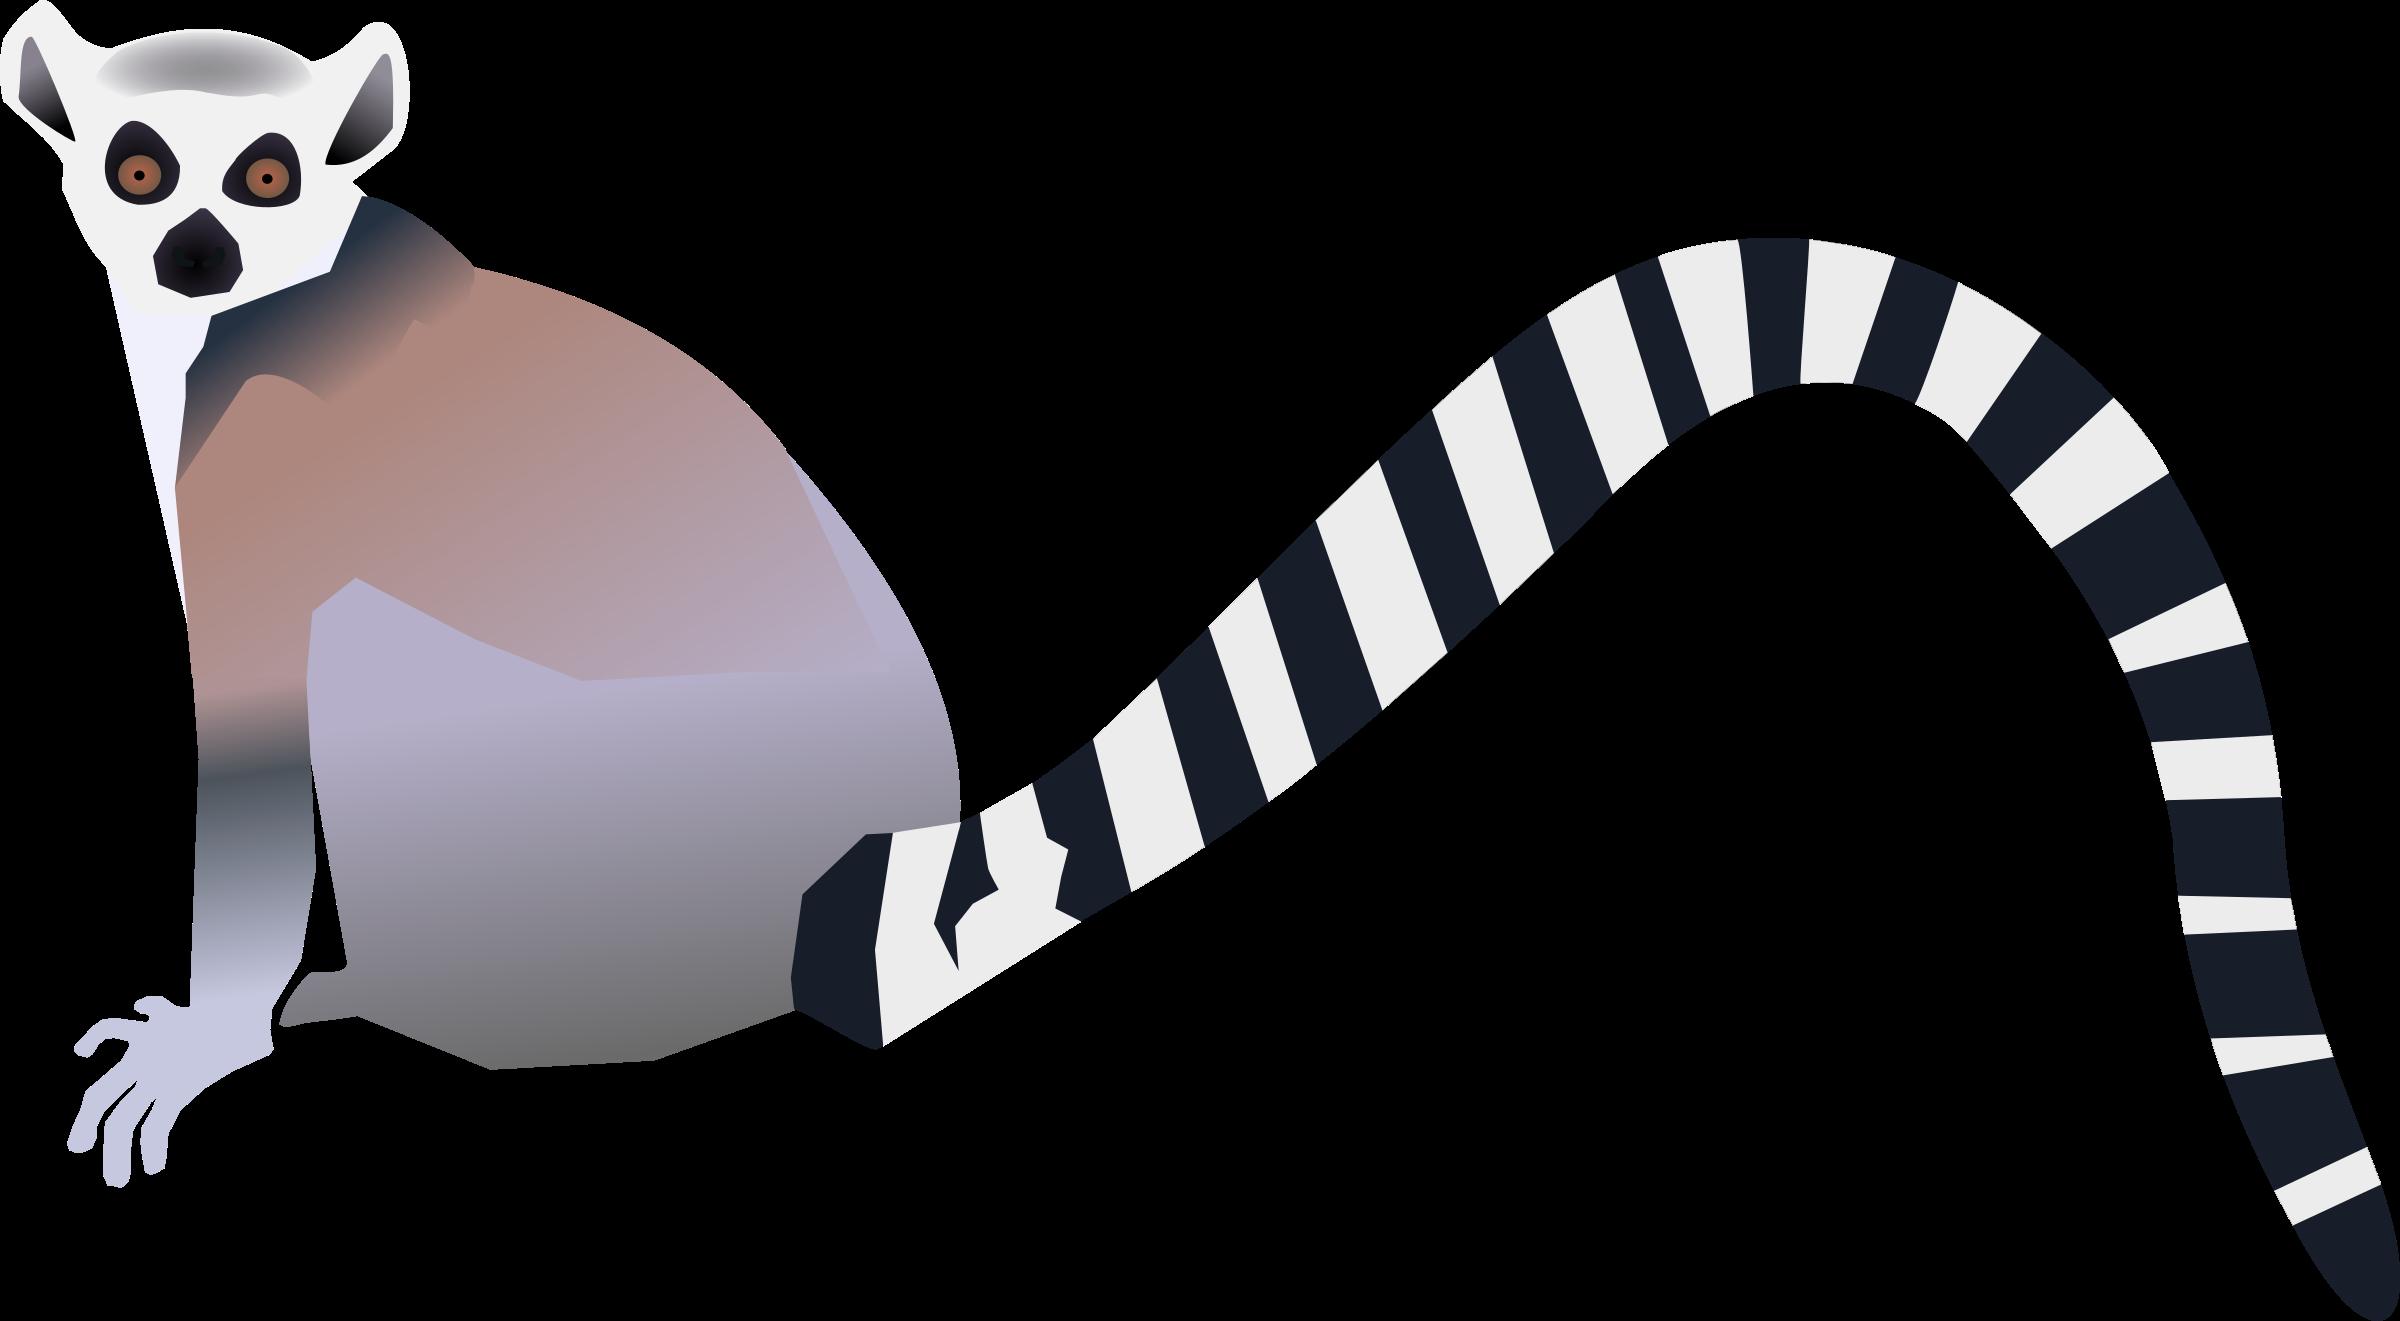 clipart lemur lemurien Lemur Volleyball Cliparts lemur clip art black and white